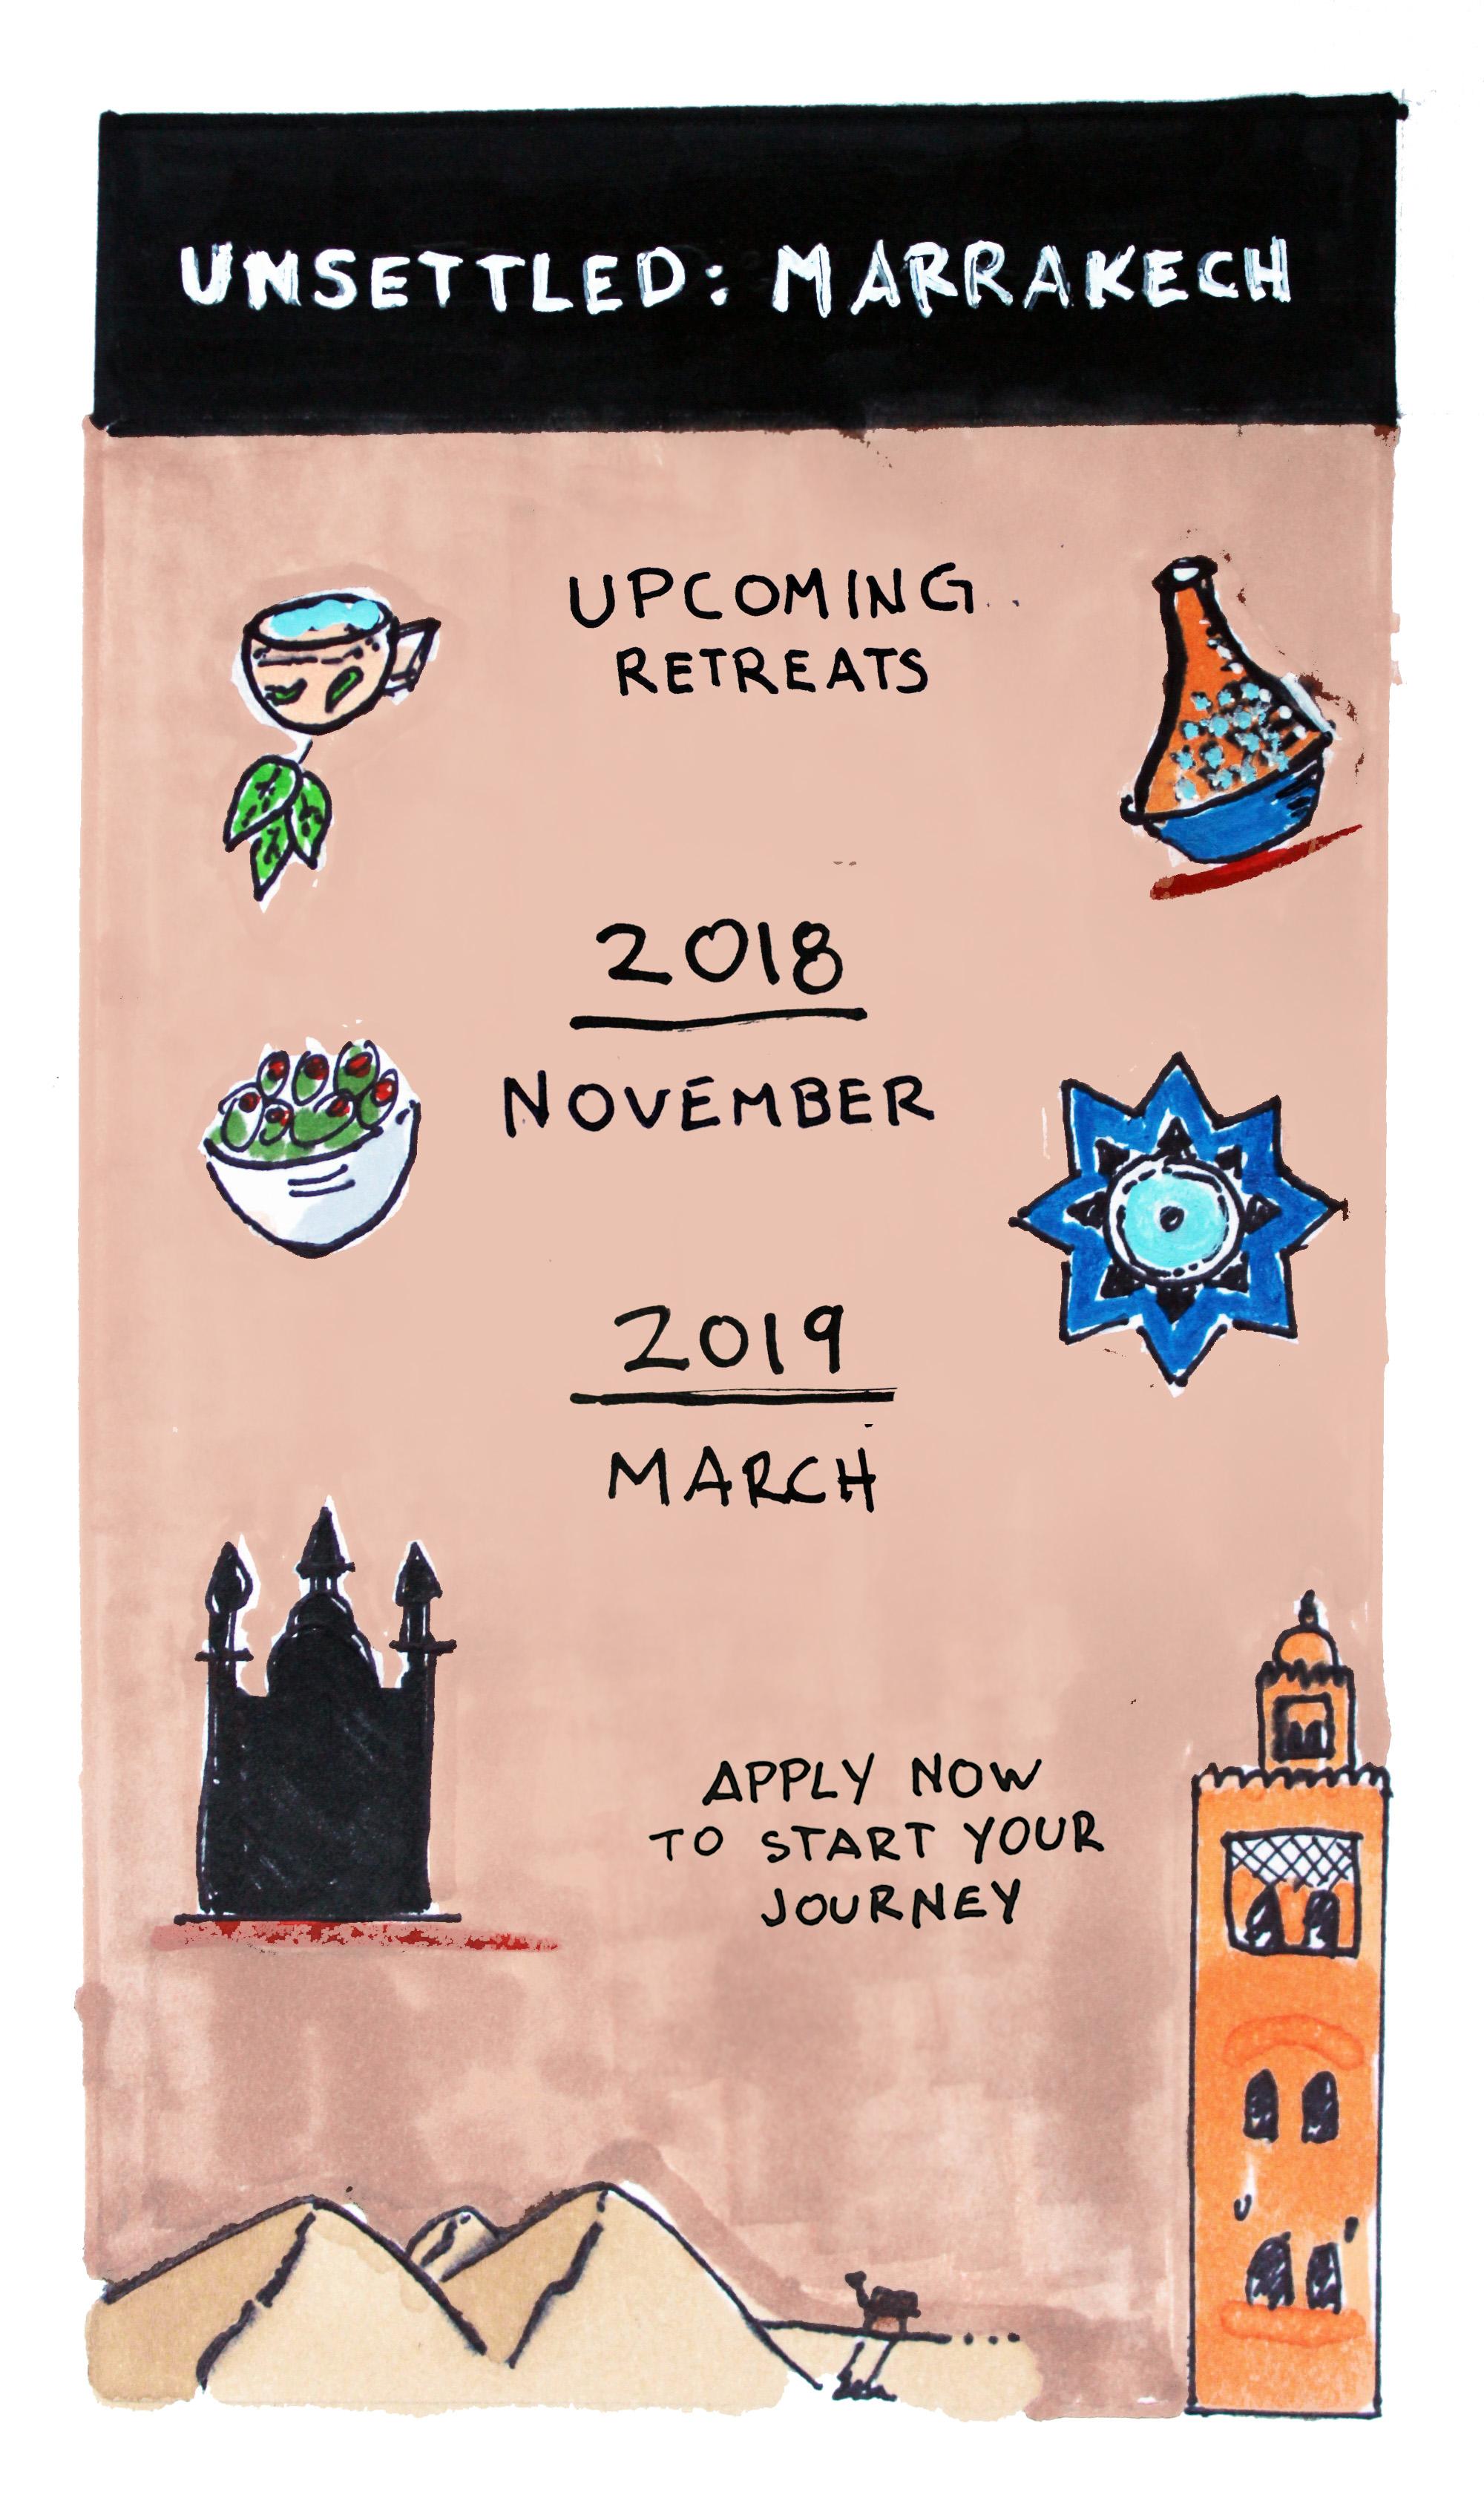 Unsettled: Marrakech - NOVEMBER 17 - DECEMBER 2, 2018March 2 - March 31, 2019